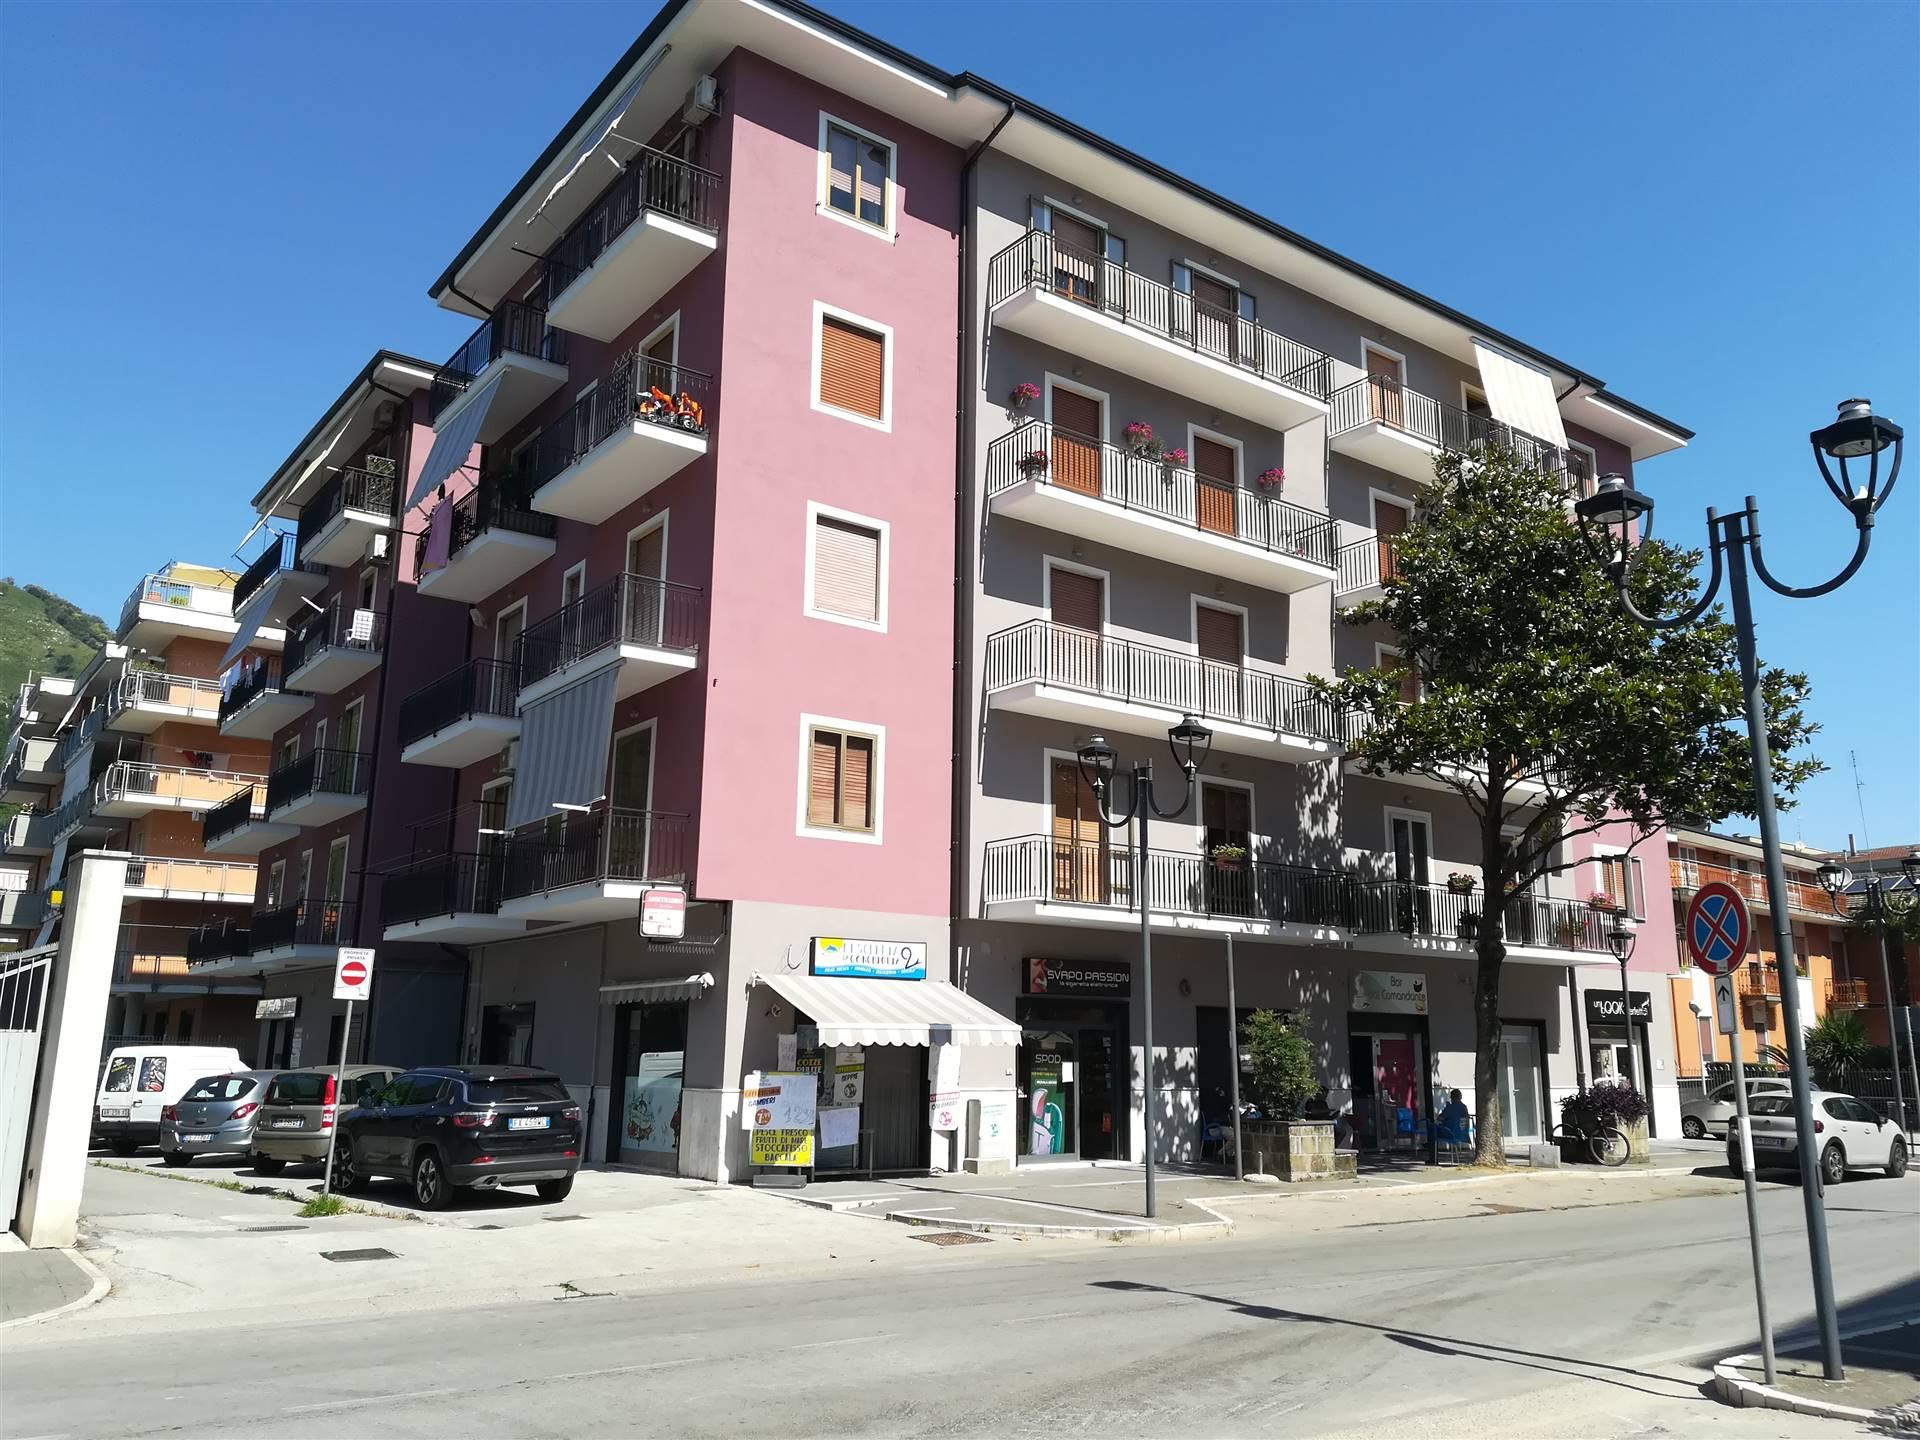 Appartamento in vendita a Baronissi, 4 locali, prezzo € 180.000 | CambioCasa.it